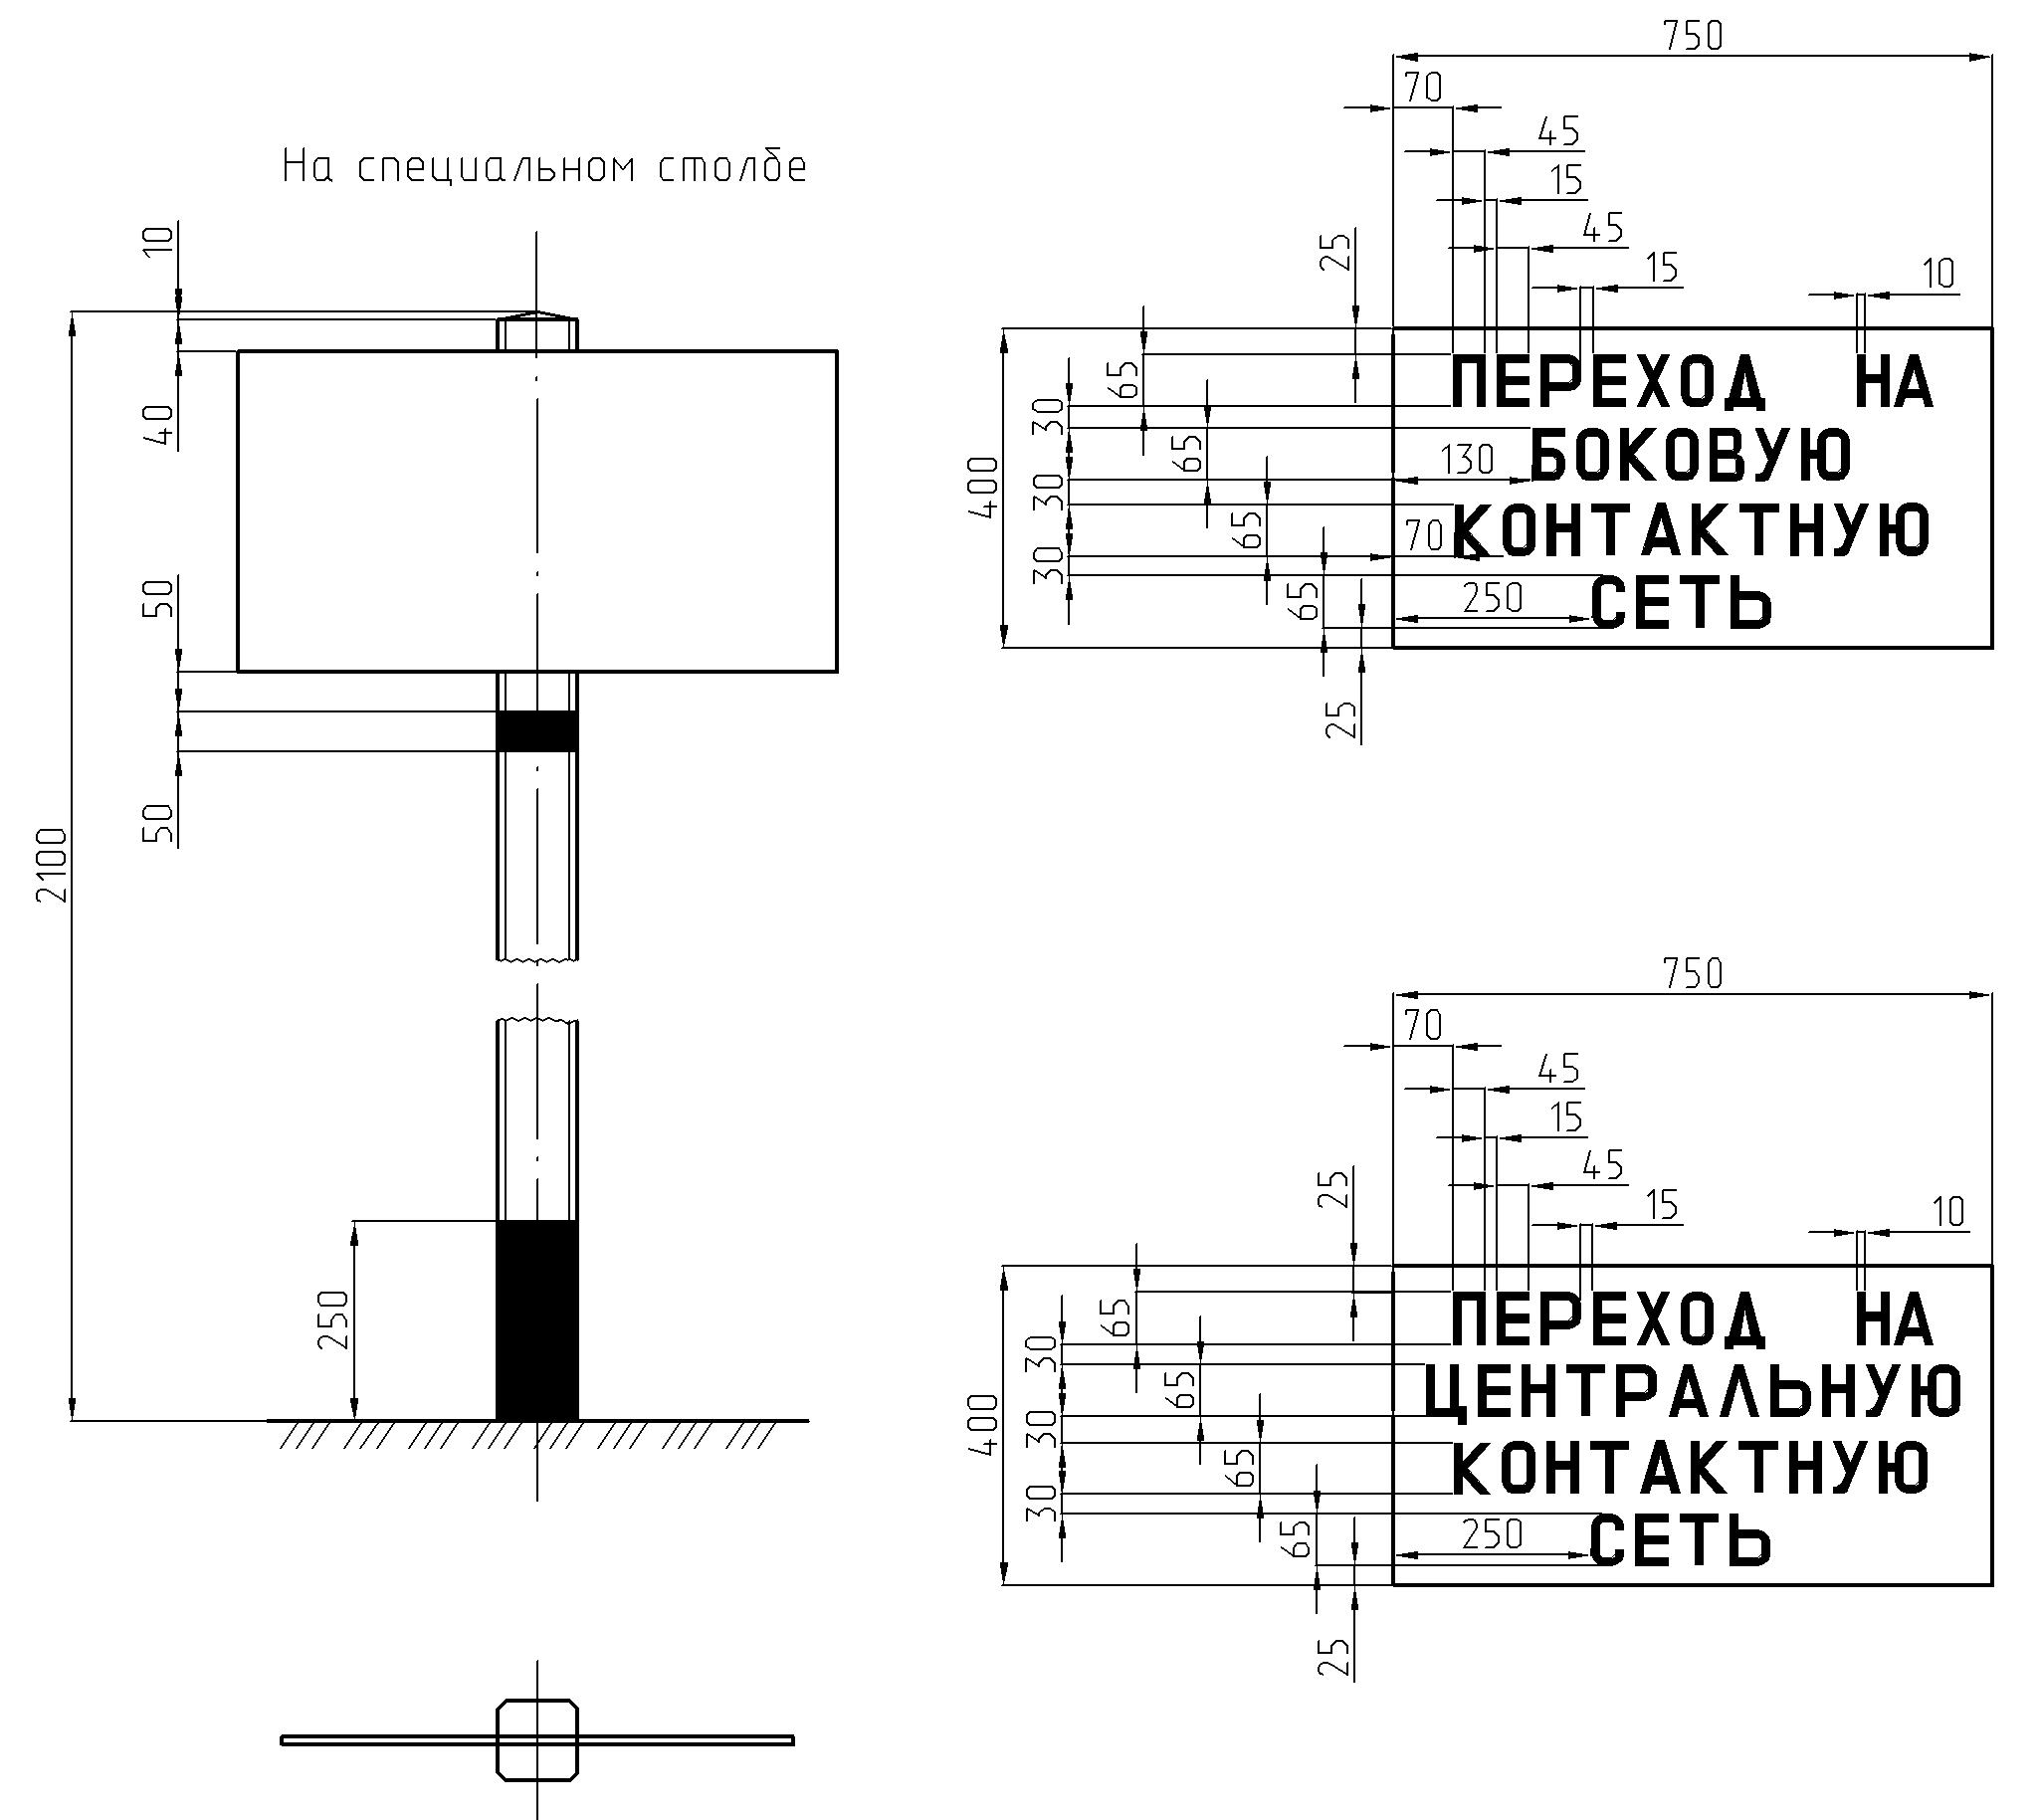 Рисунок 31. Постоянные предупредительные сигнальные знаки «Переход на боковую контактную сеть» и «Переход на центральную контактную сеть»